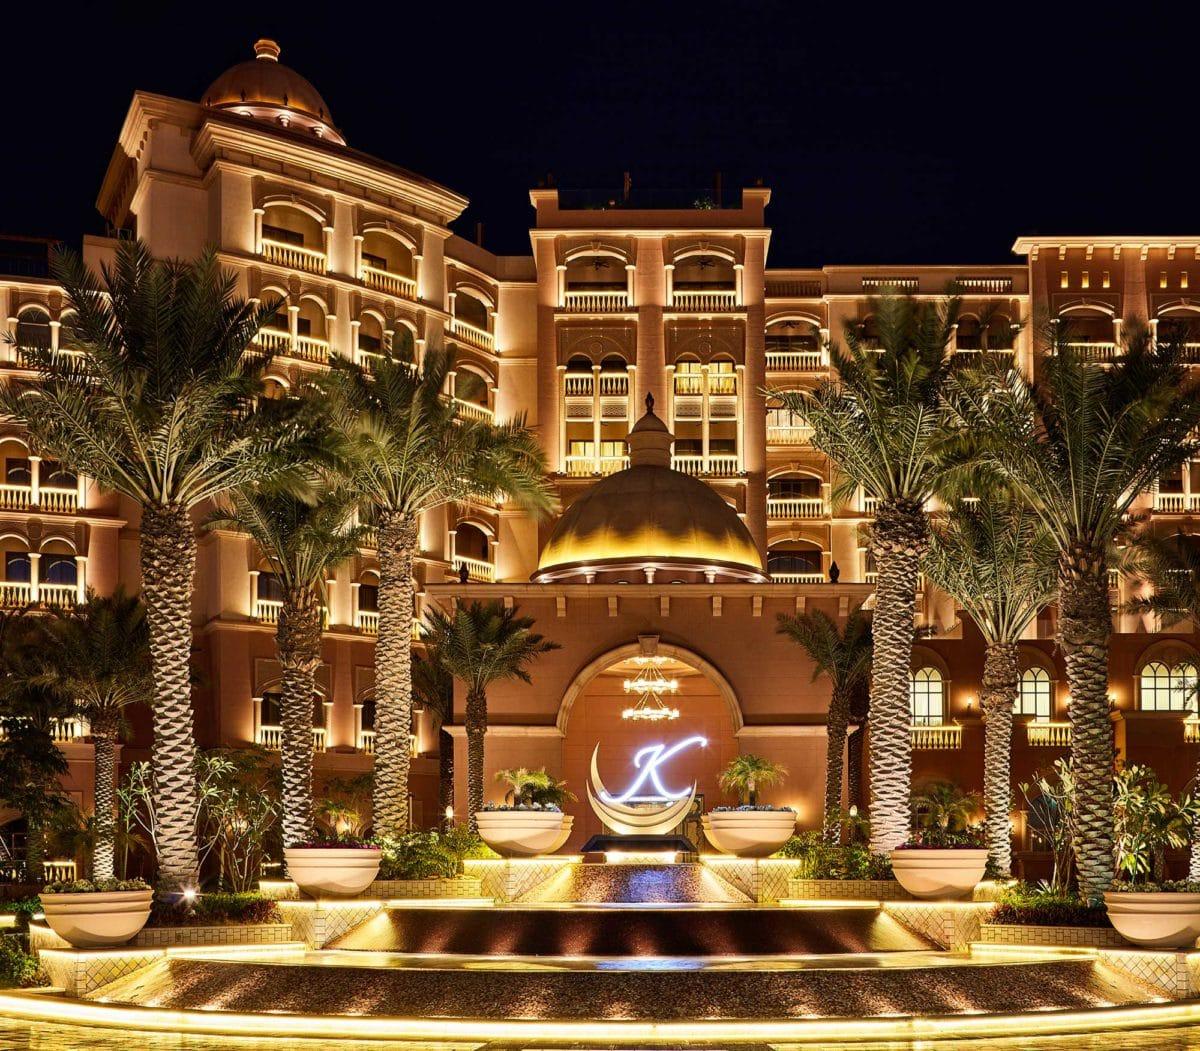 Doha - Kempinski-image-10.jpg